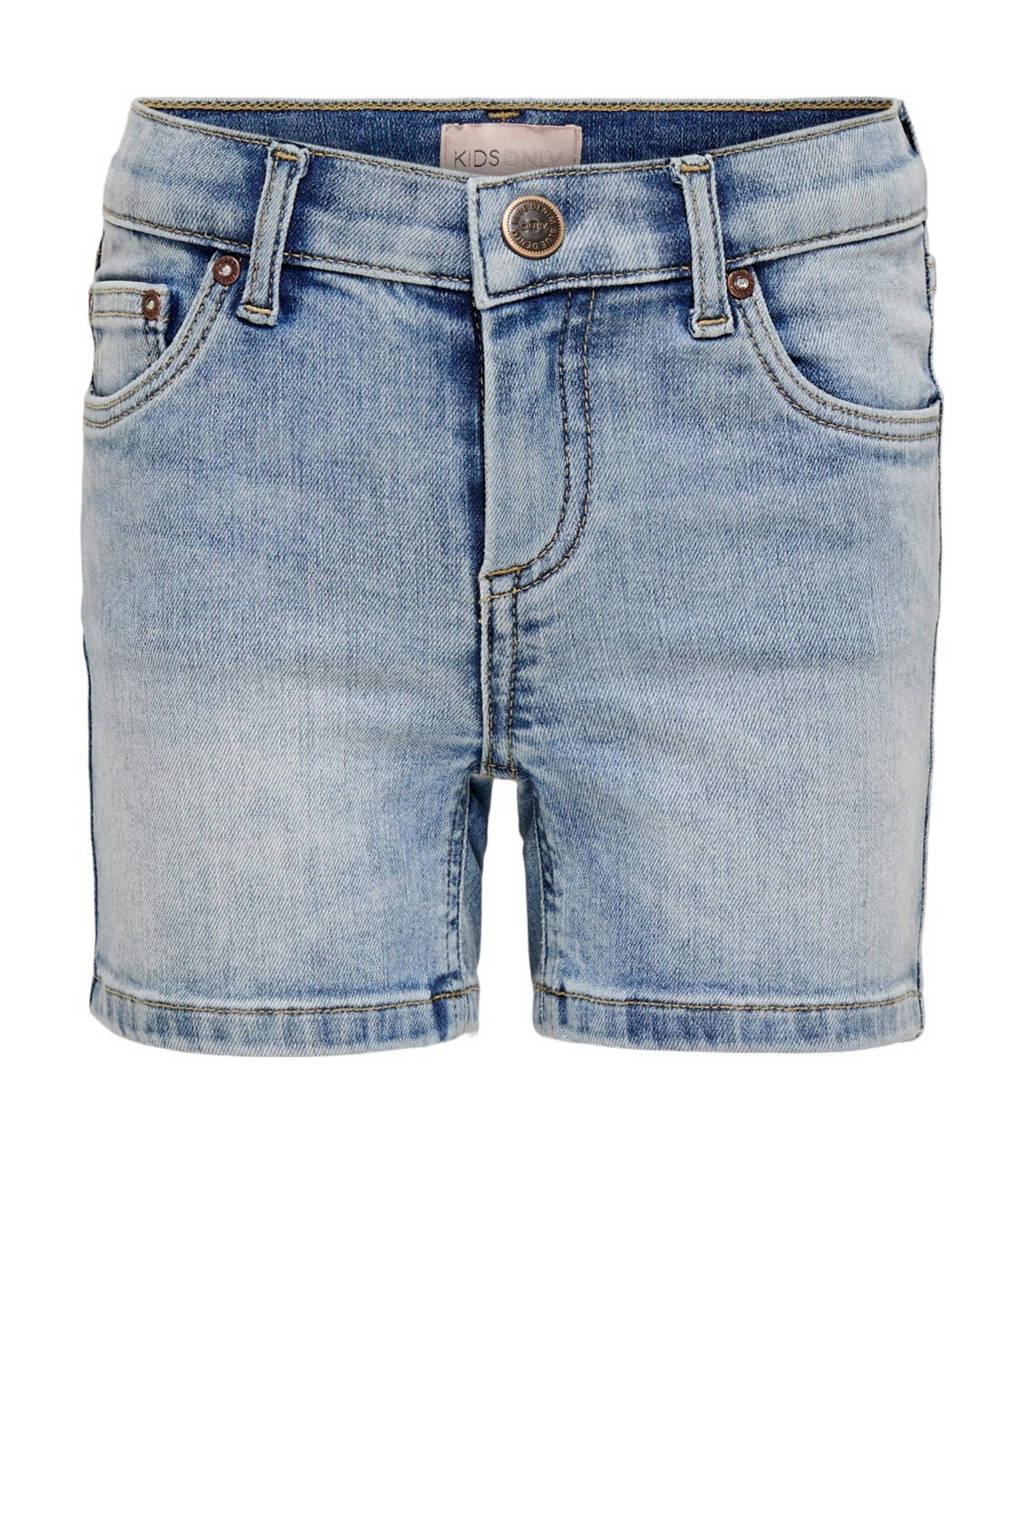 KIDS ONLY jeans short Blush light denim, Light denim